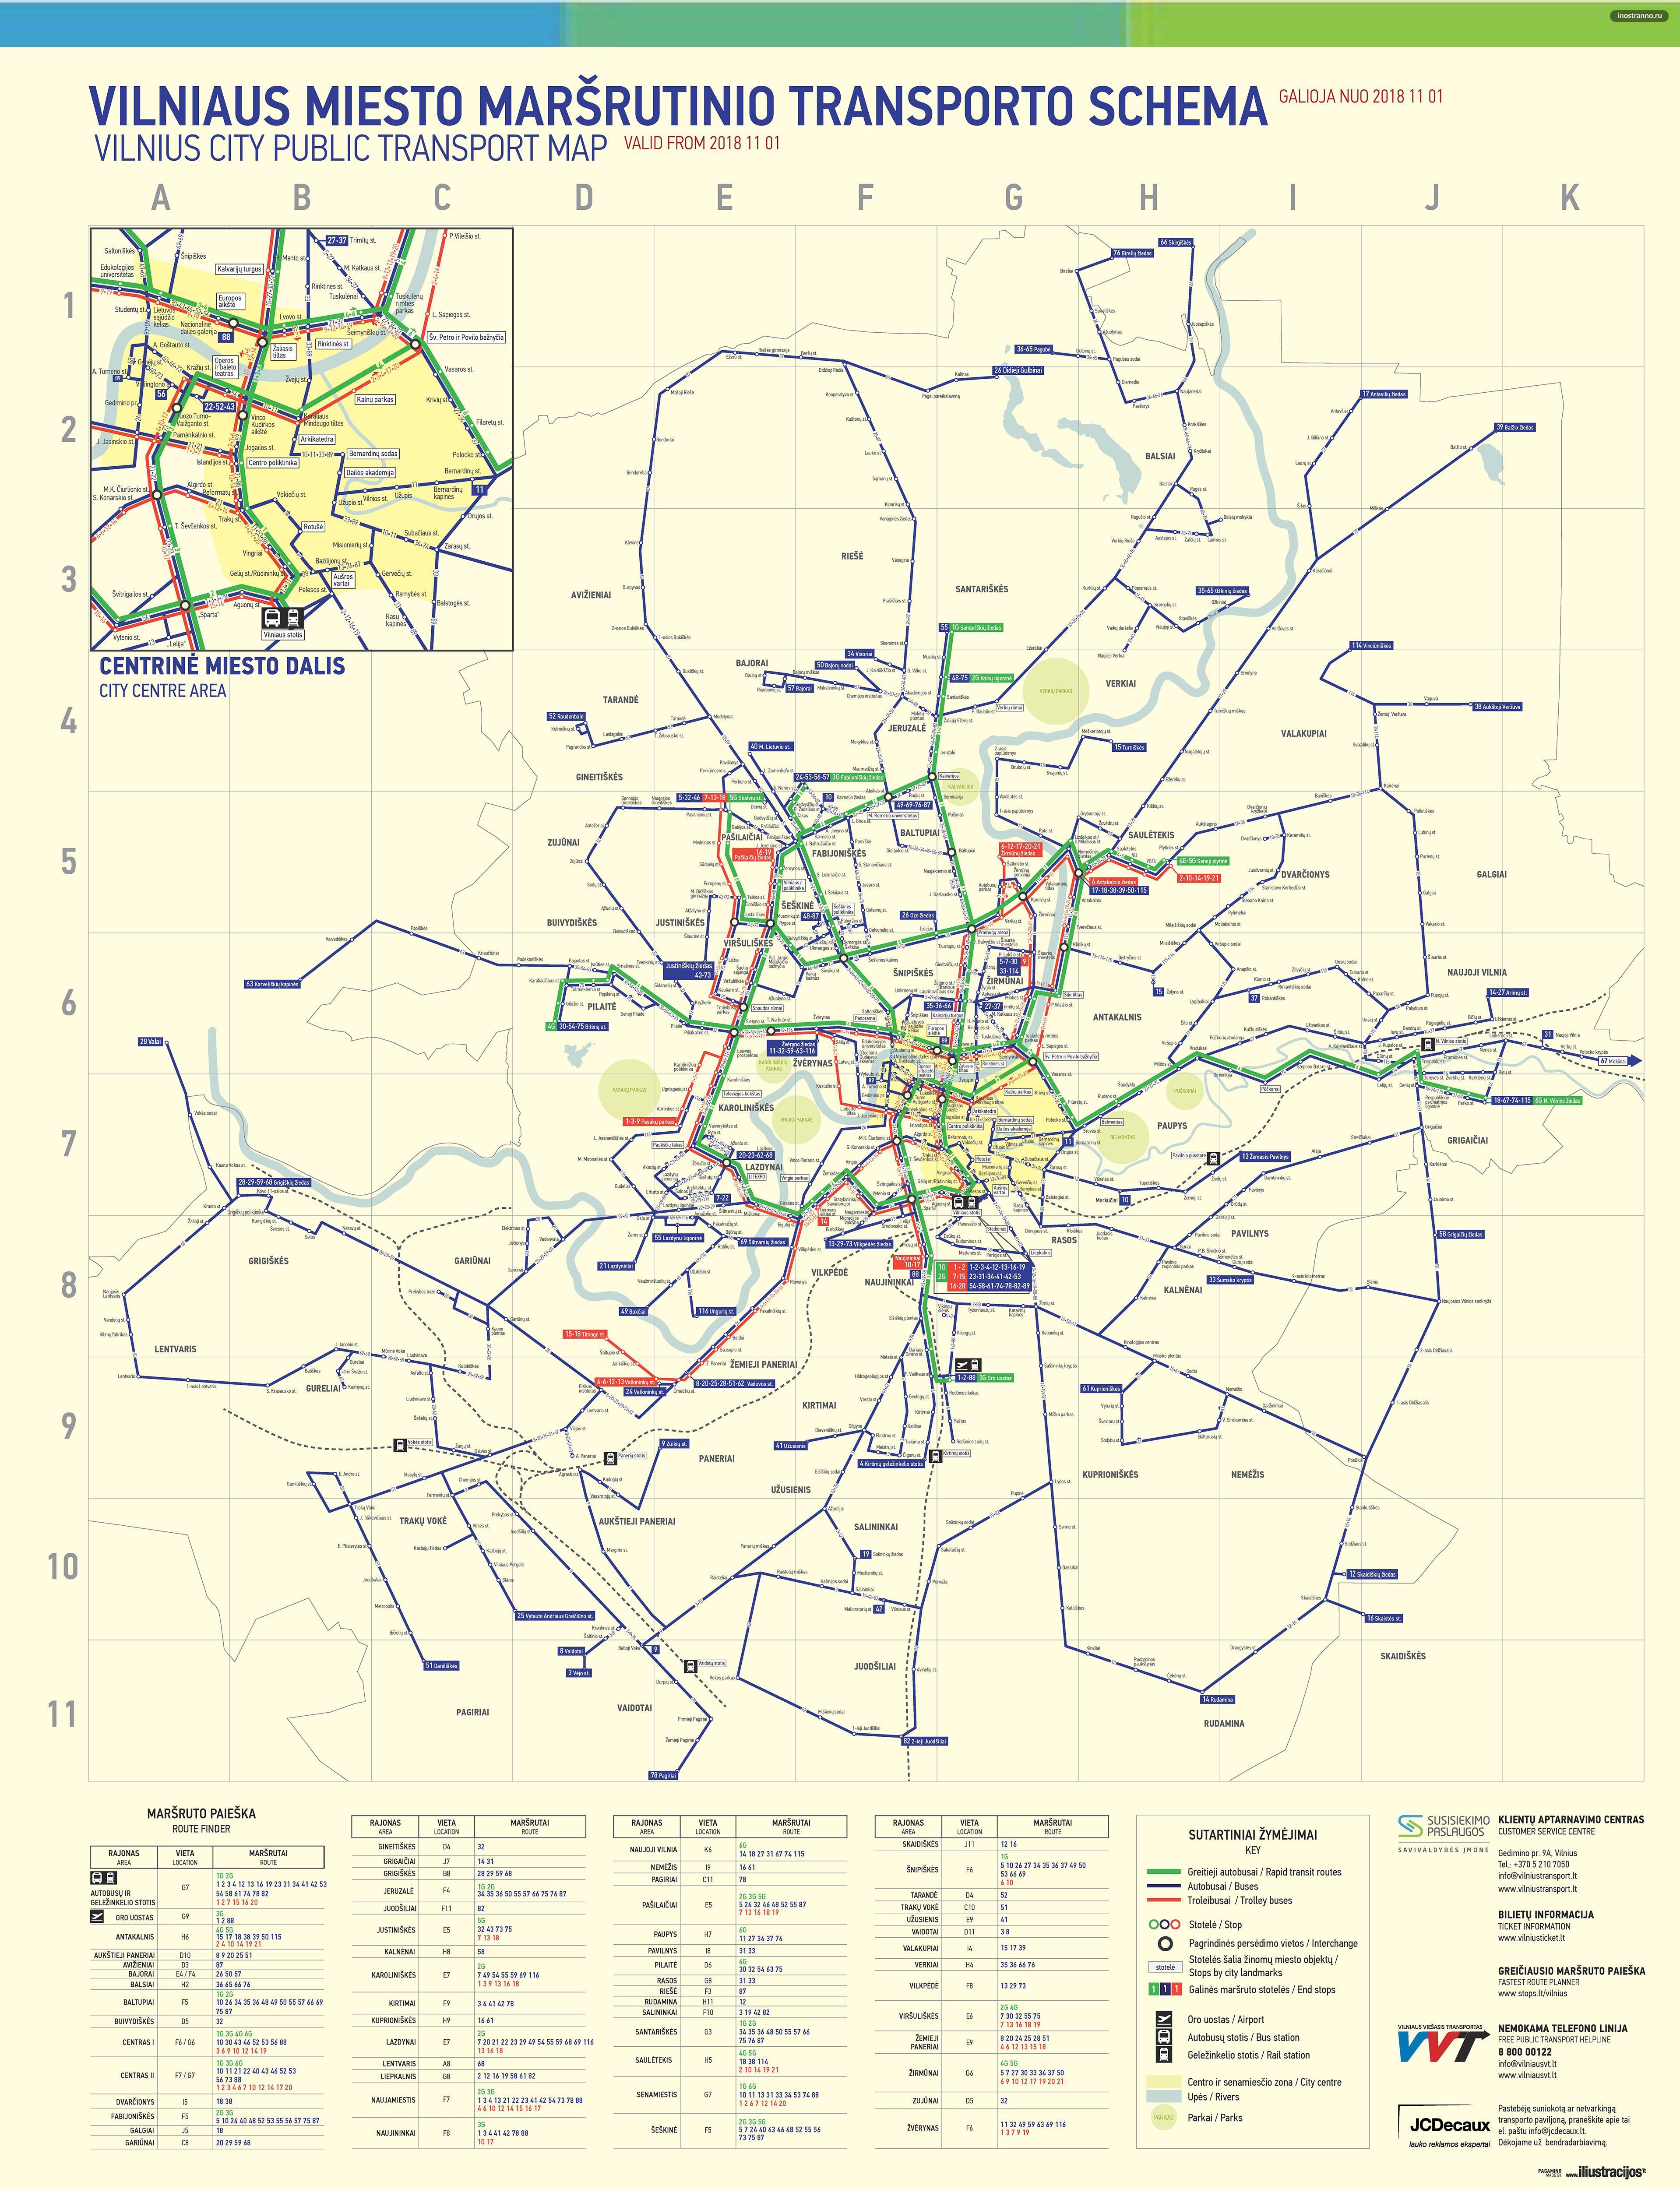 Карта маршрутов общественного транспорта Вильнюса